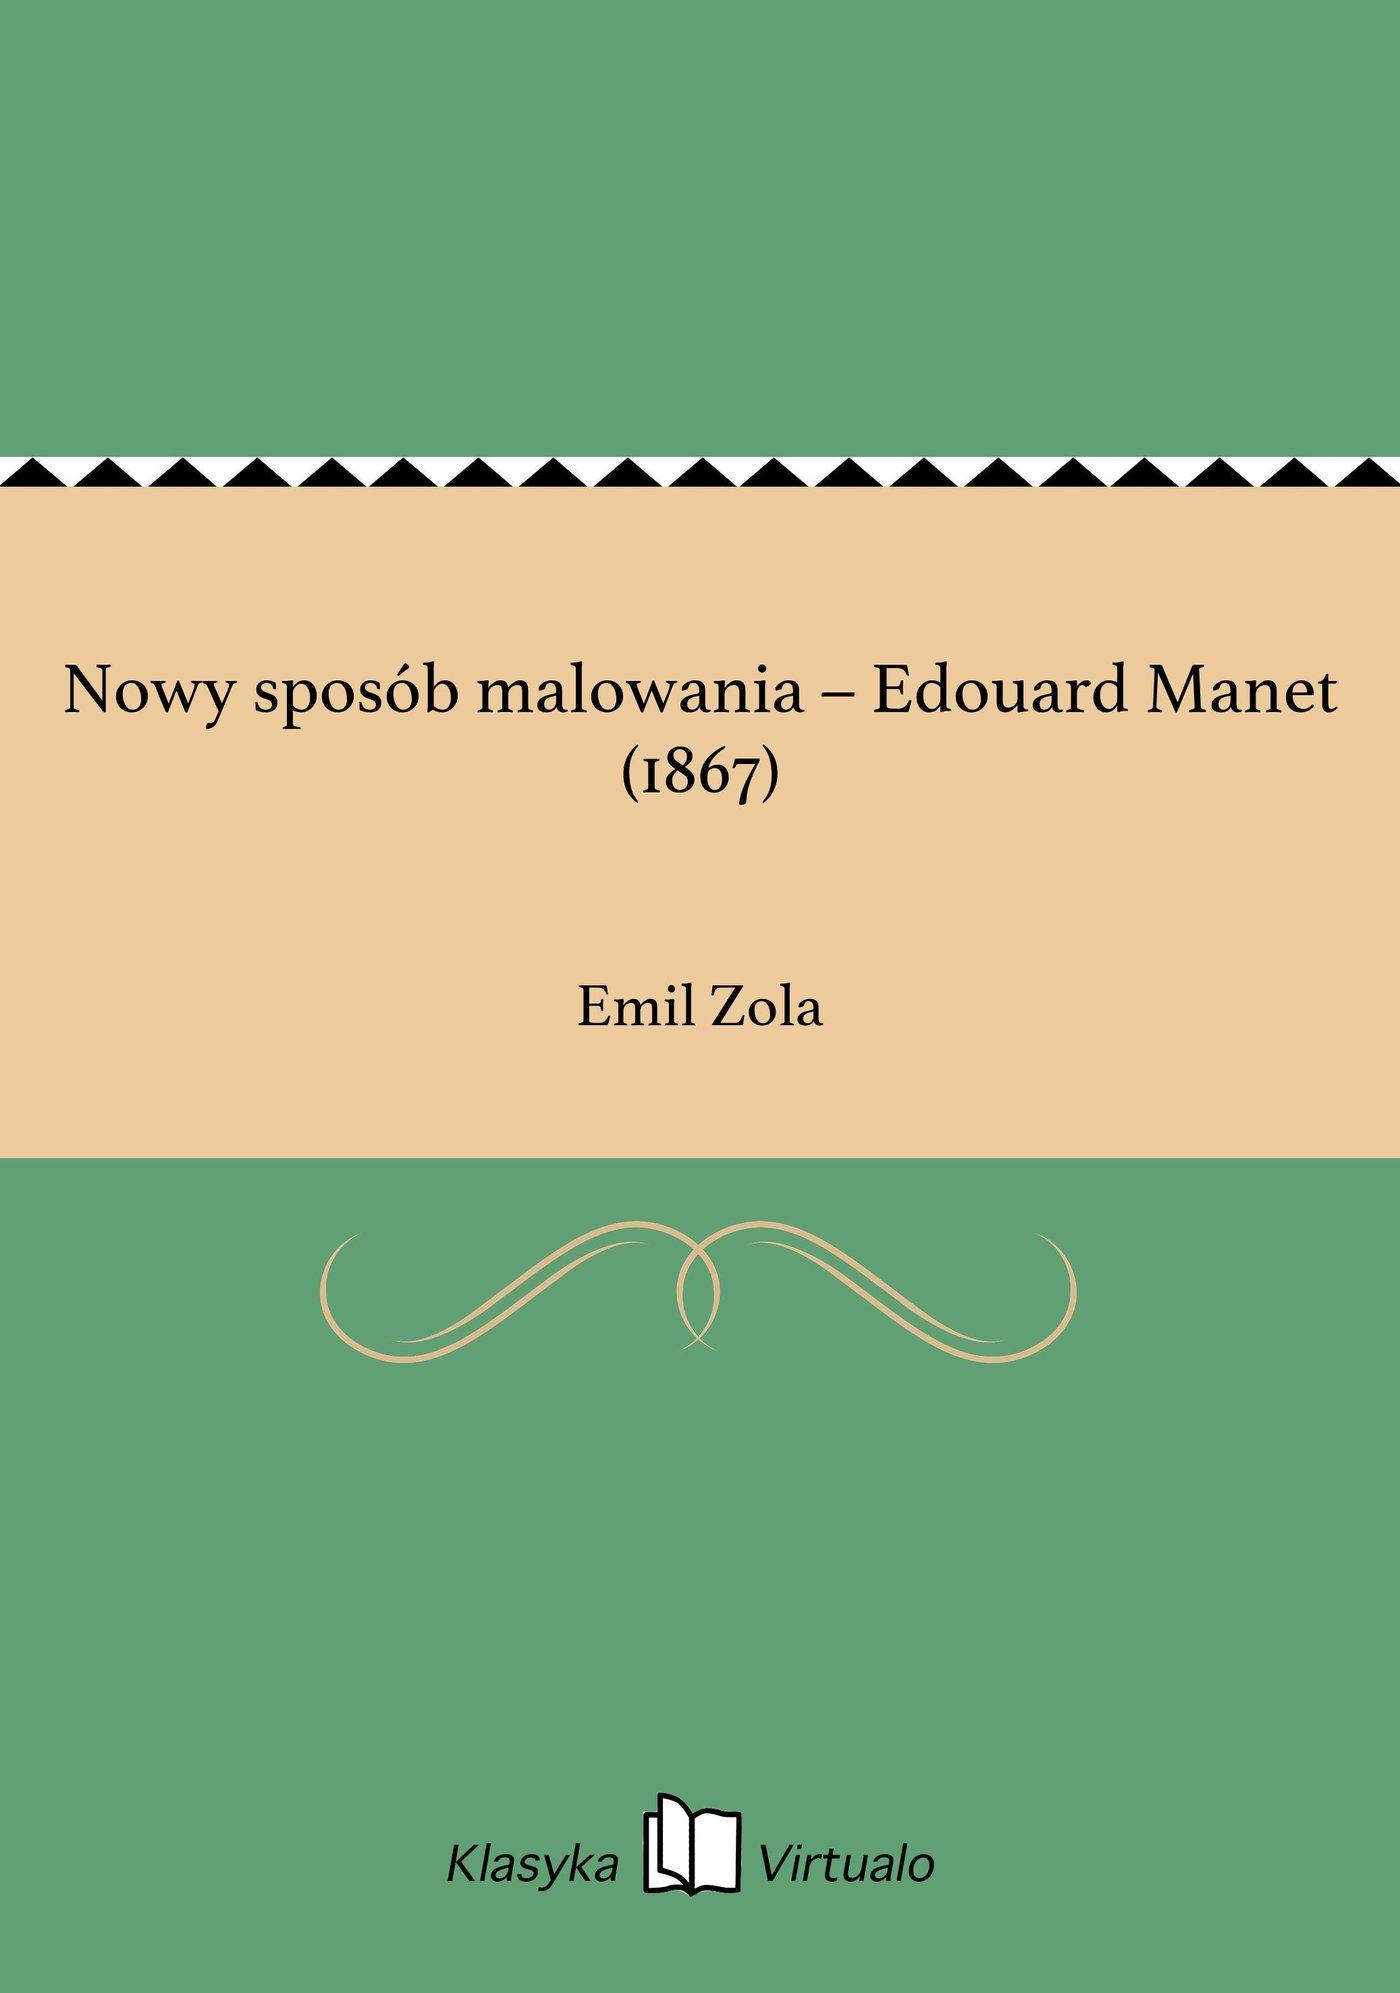 Nowy sposób malowania – Edouard Manet (1867) - Ebook (Książka EPUB) do pobrania w formacie EPUB